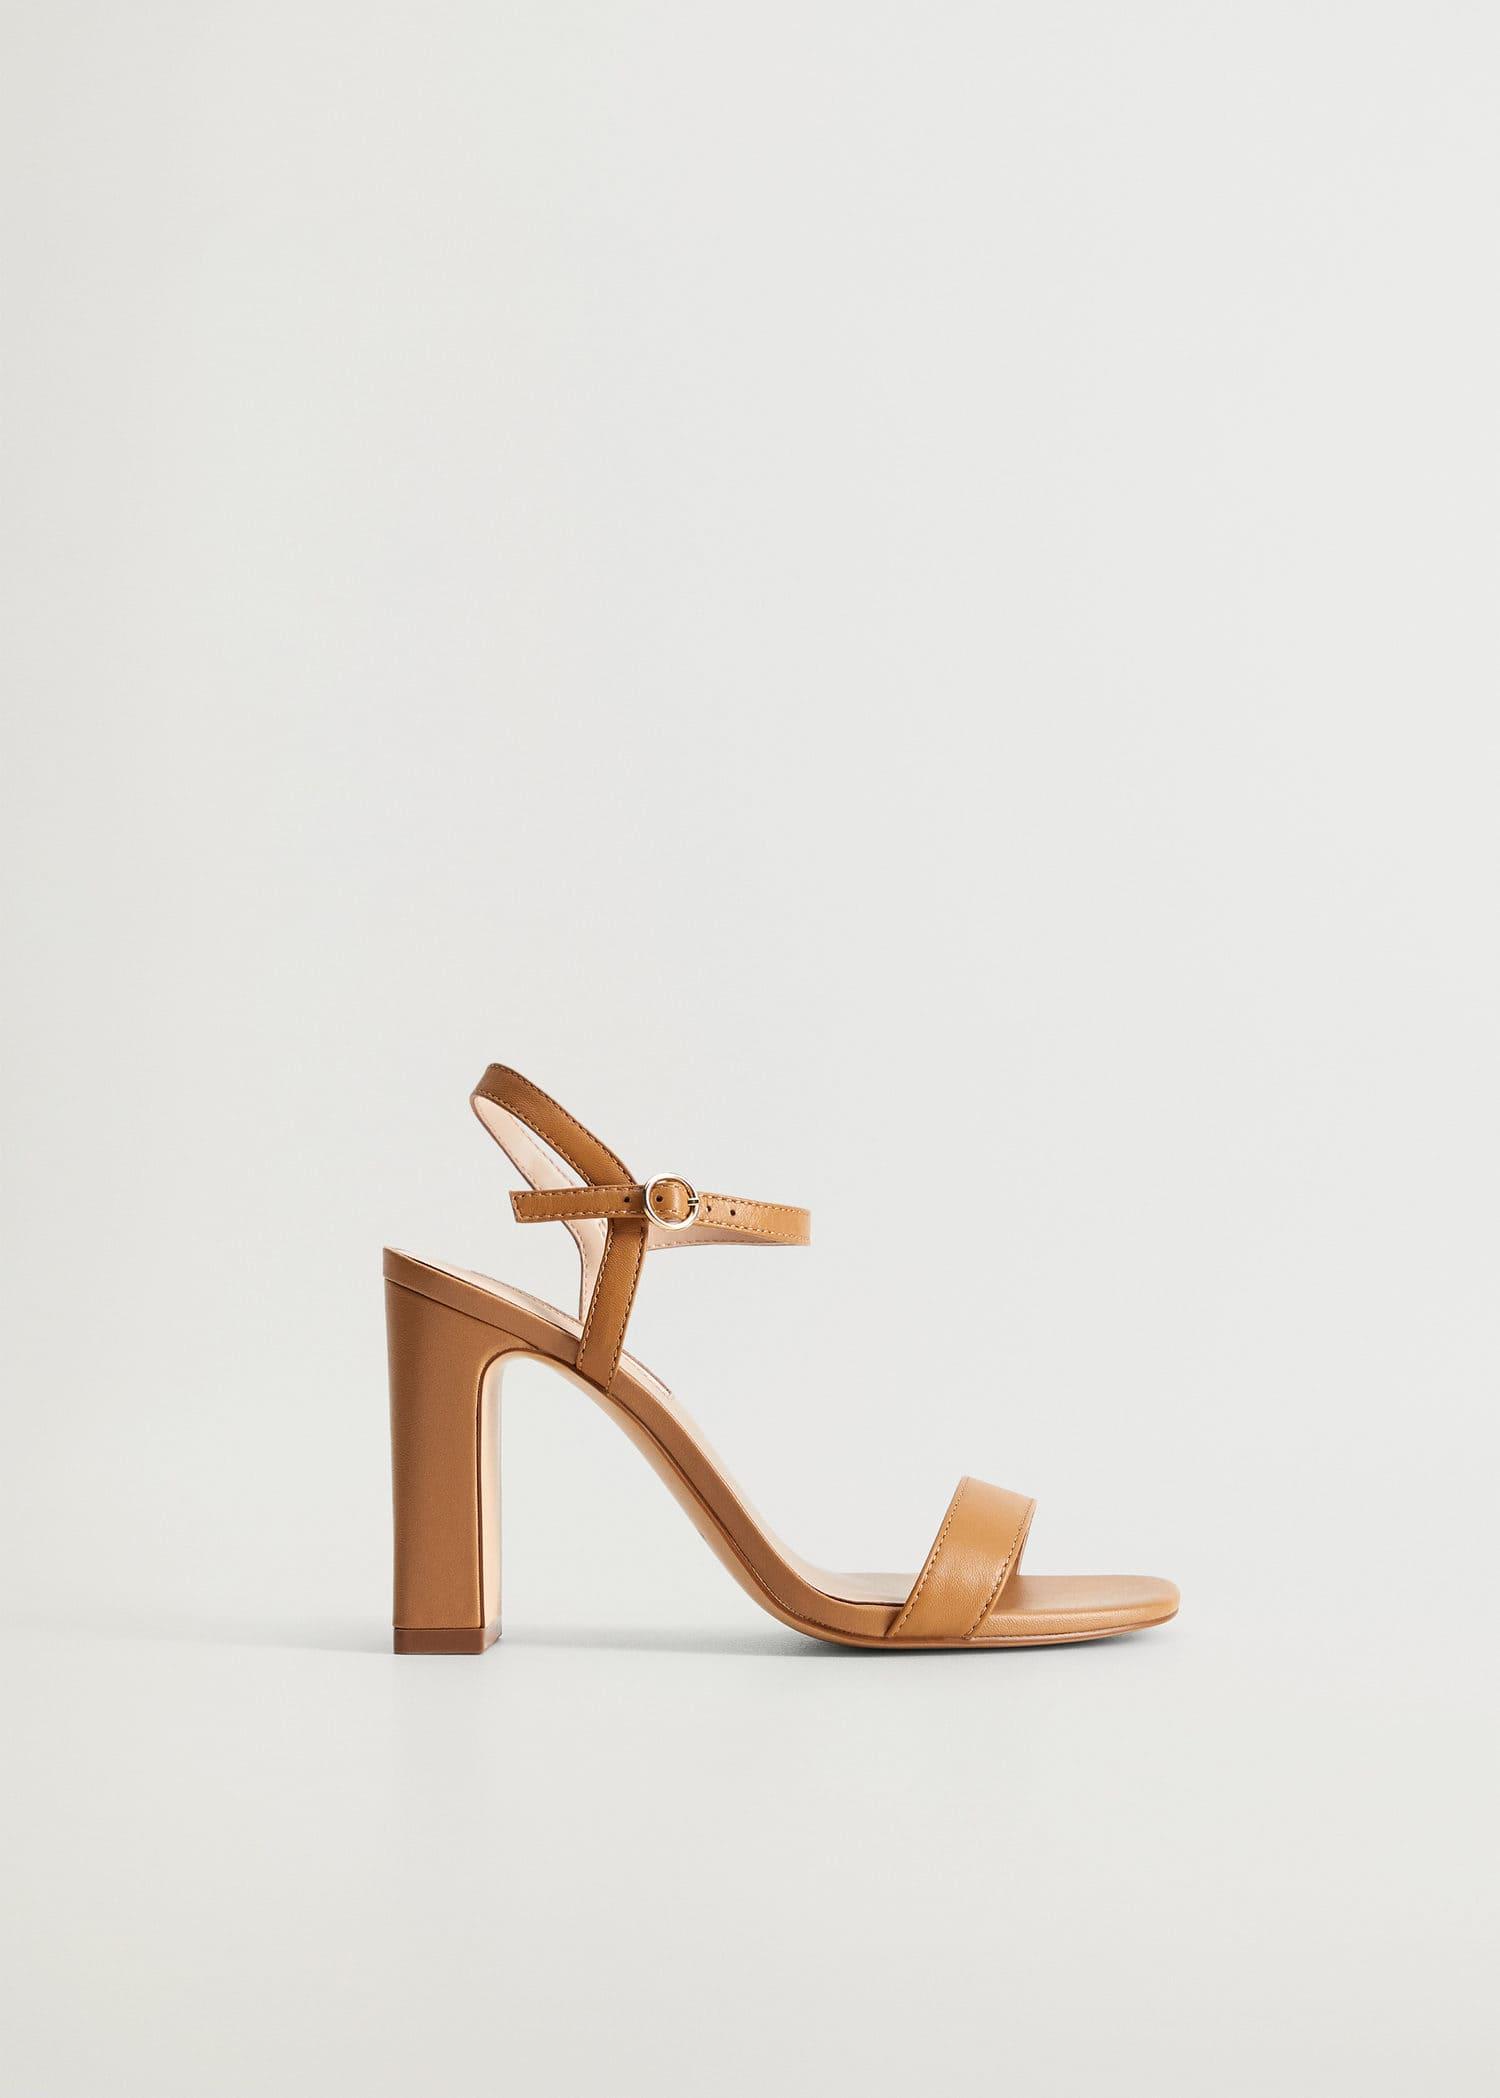 Häl läder sandaler Damer | Mango Sverige